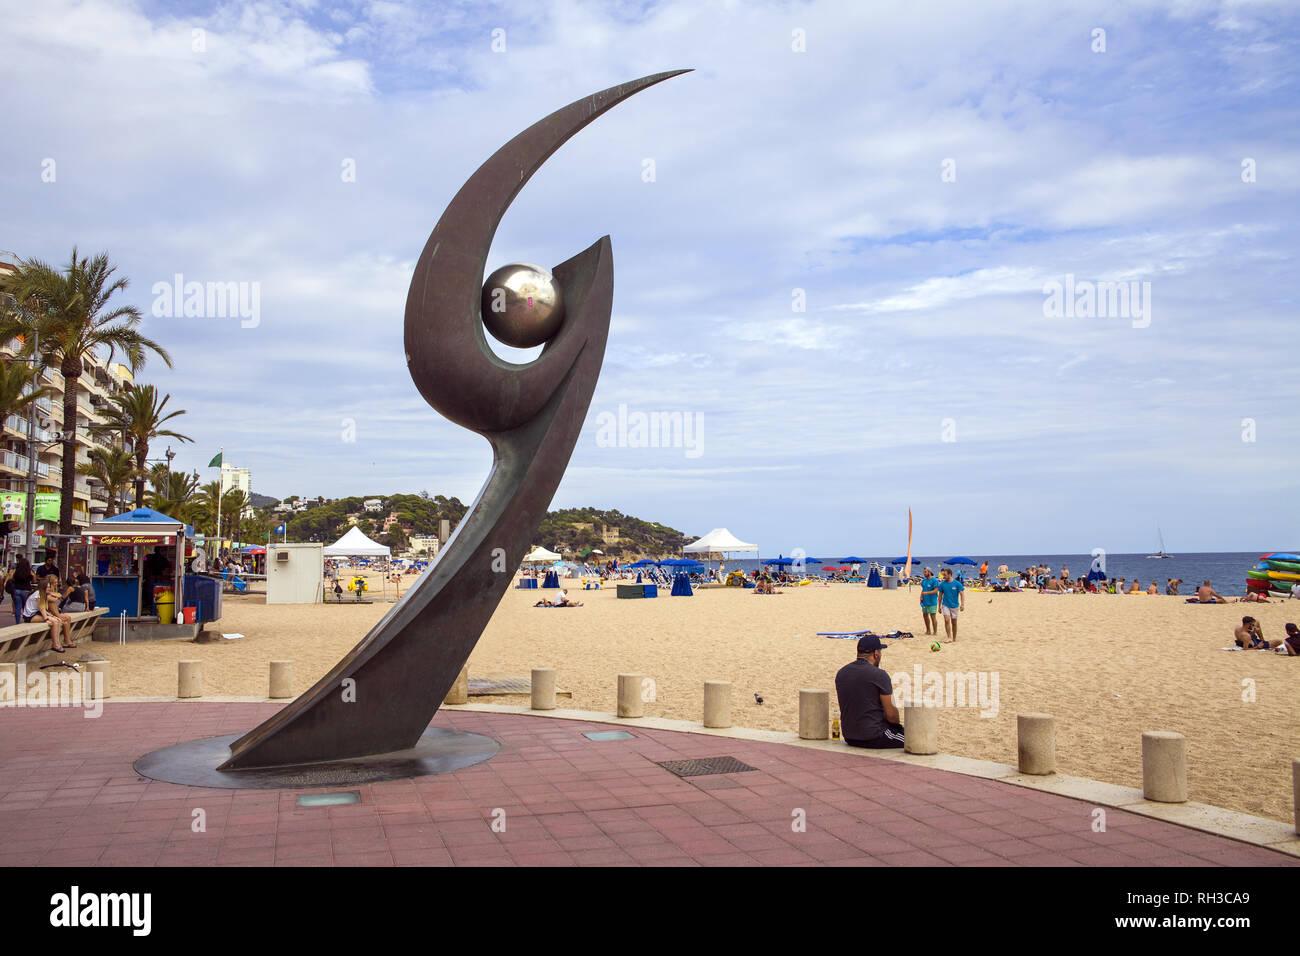 Monumento de L'Esguard en Lloret De Mar. popular playa spot. Garra de metal con el balón. Escultura diseñada por Rosa Serra en conmemoración de reunión Foto de stock